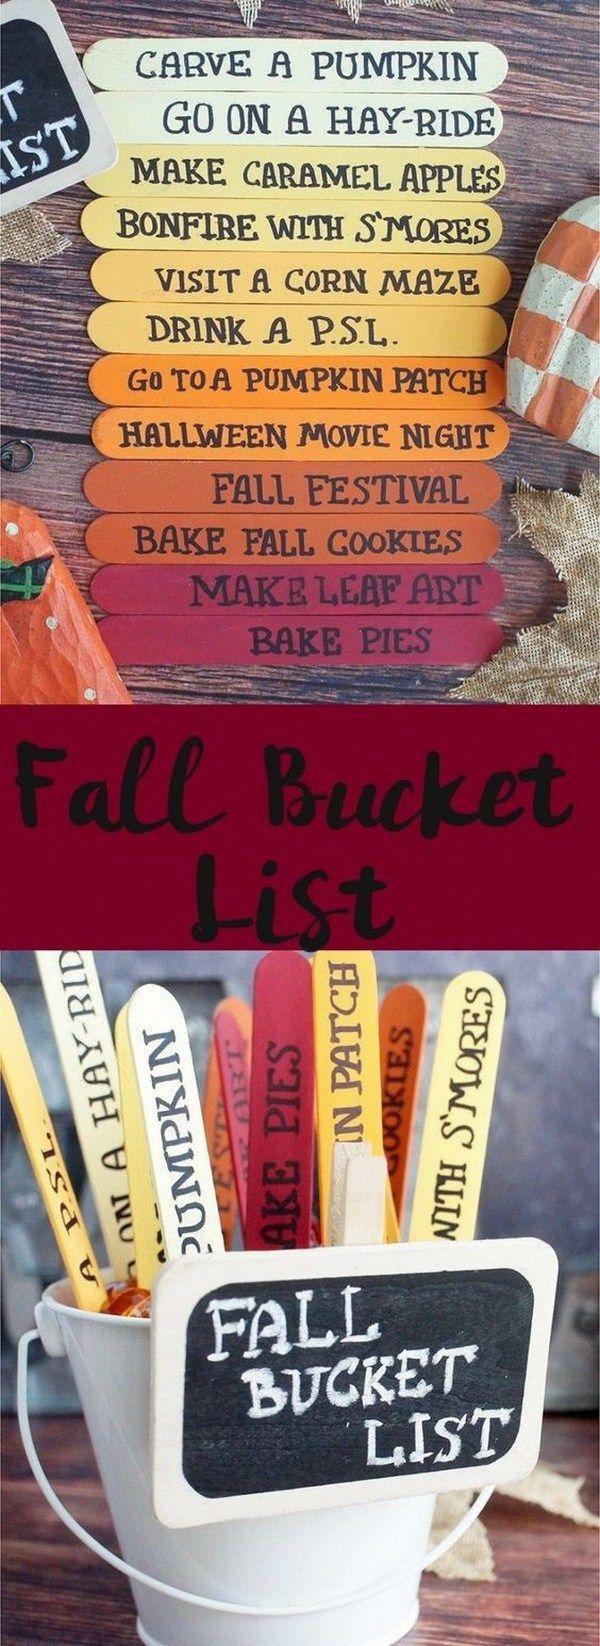 Über 50 DIY Bastel und Dekorationsideen für den Herbst, die einfach und kostengünstig sind #fallseason